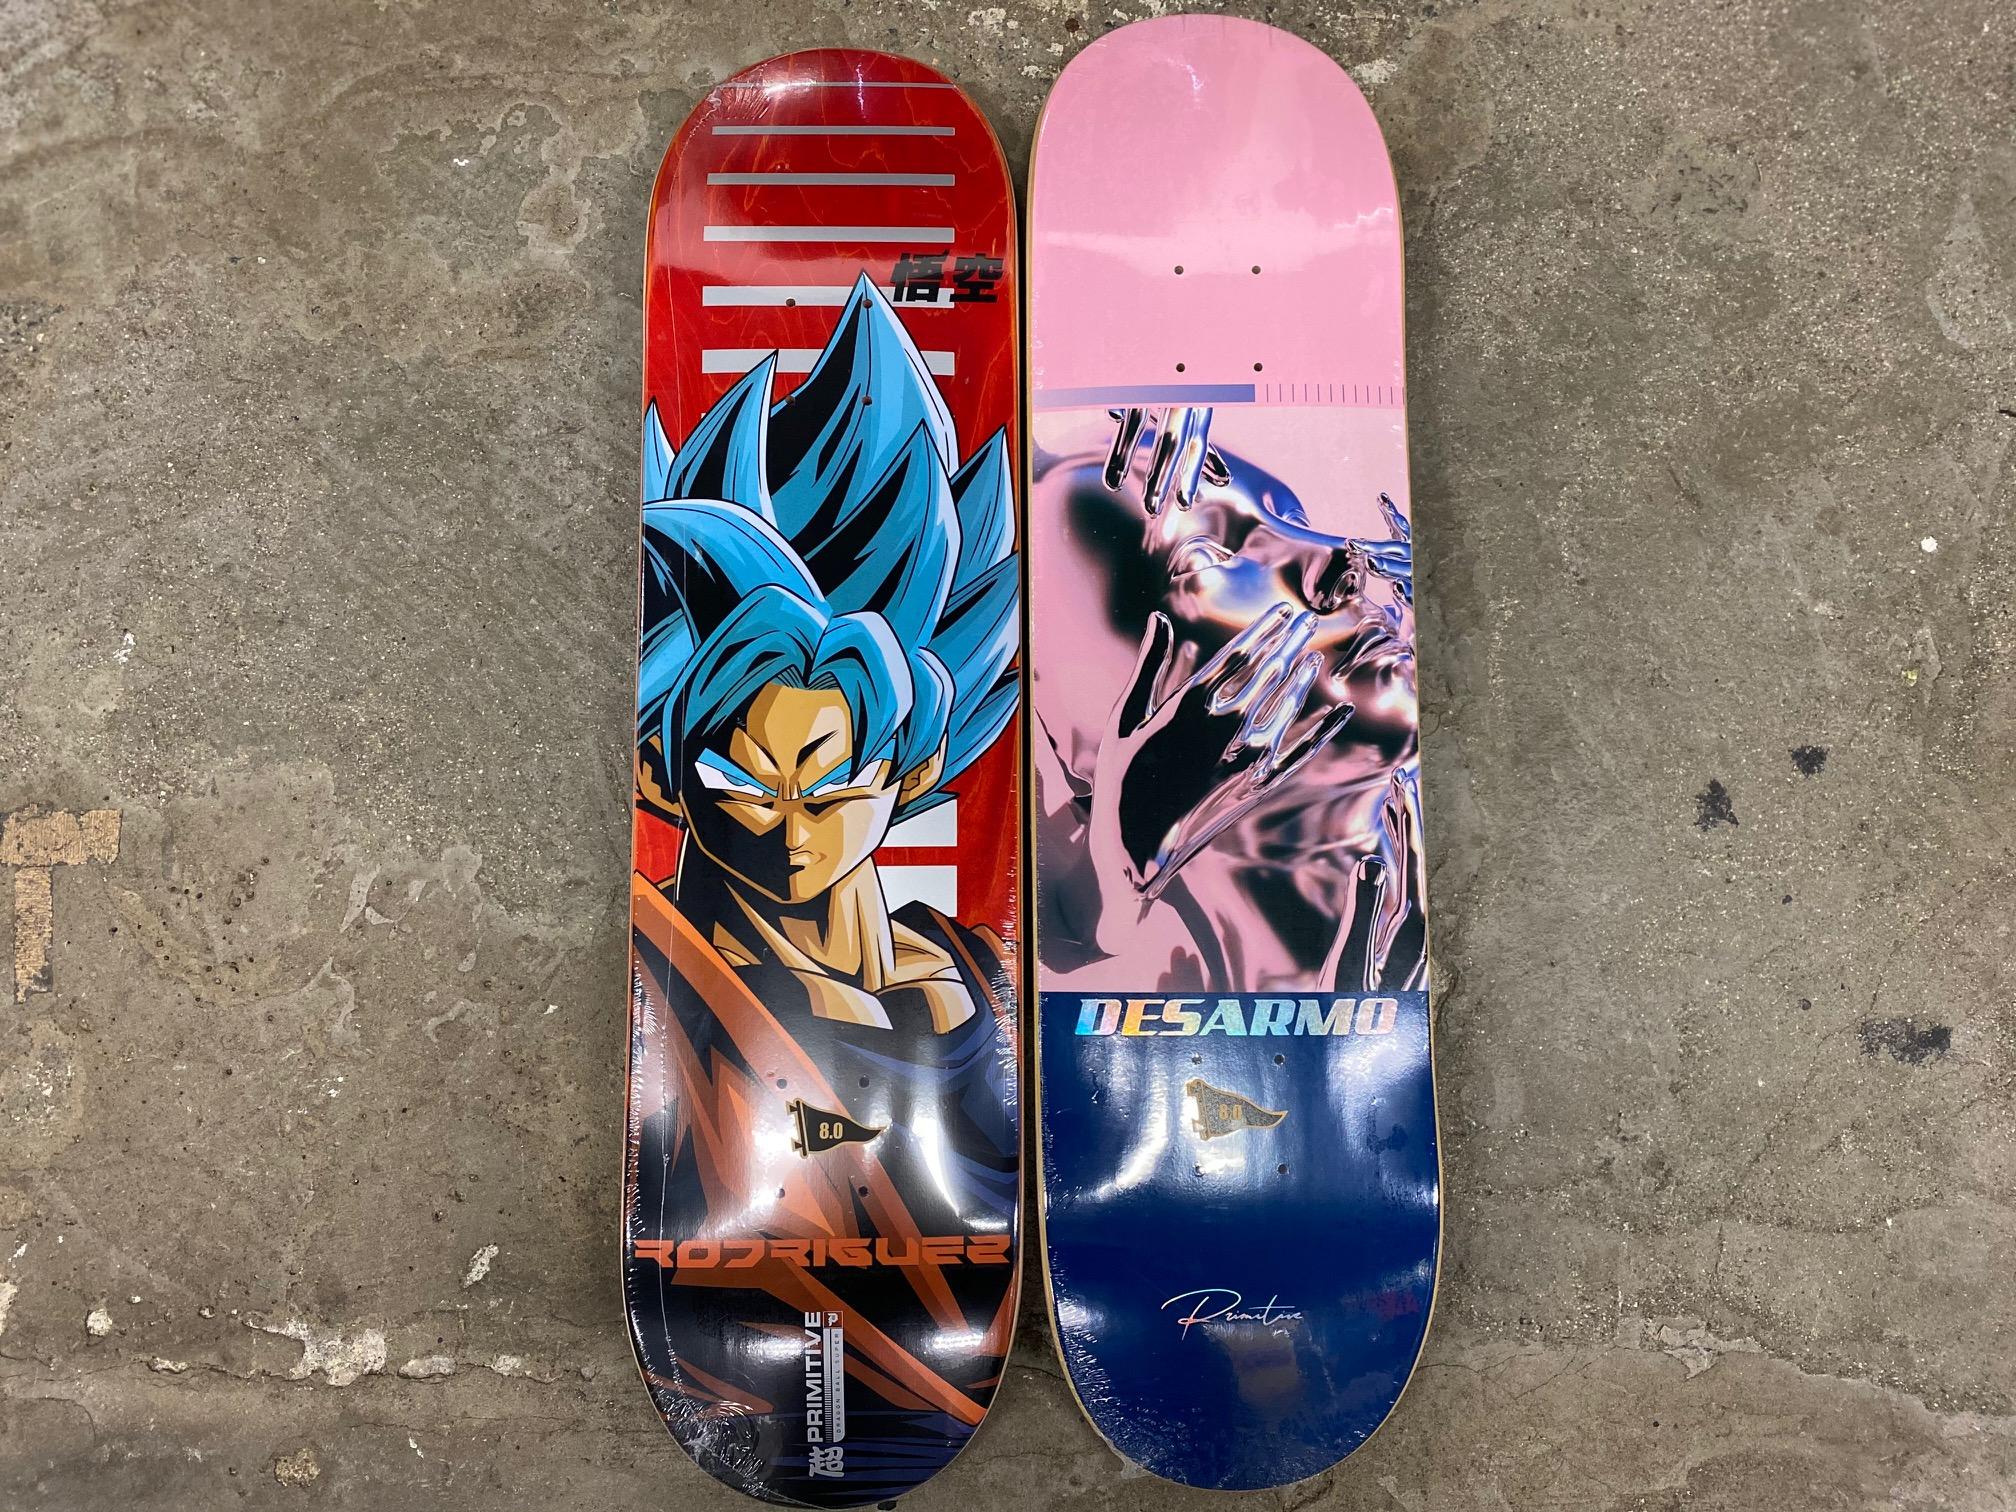 スケートアイテム PRIMITIVE × DRAGONBALL SUPER 激レアコラボアイテム & PRIMITIVE skateboards入荷しました!!